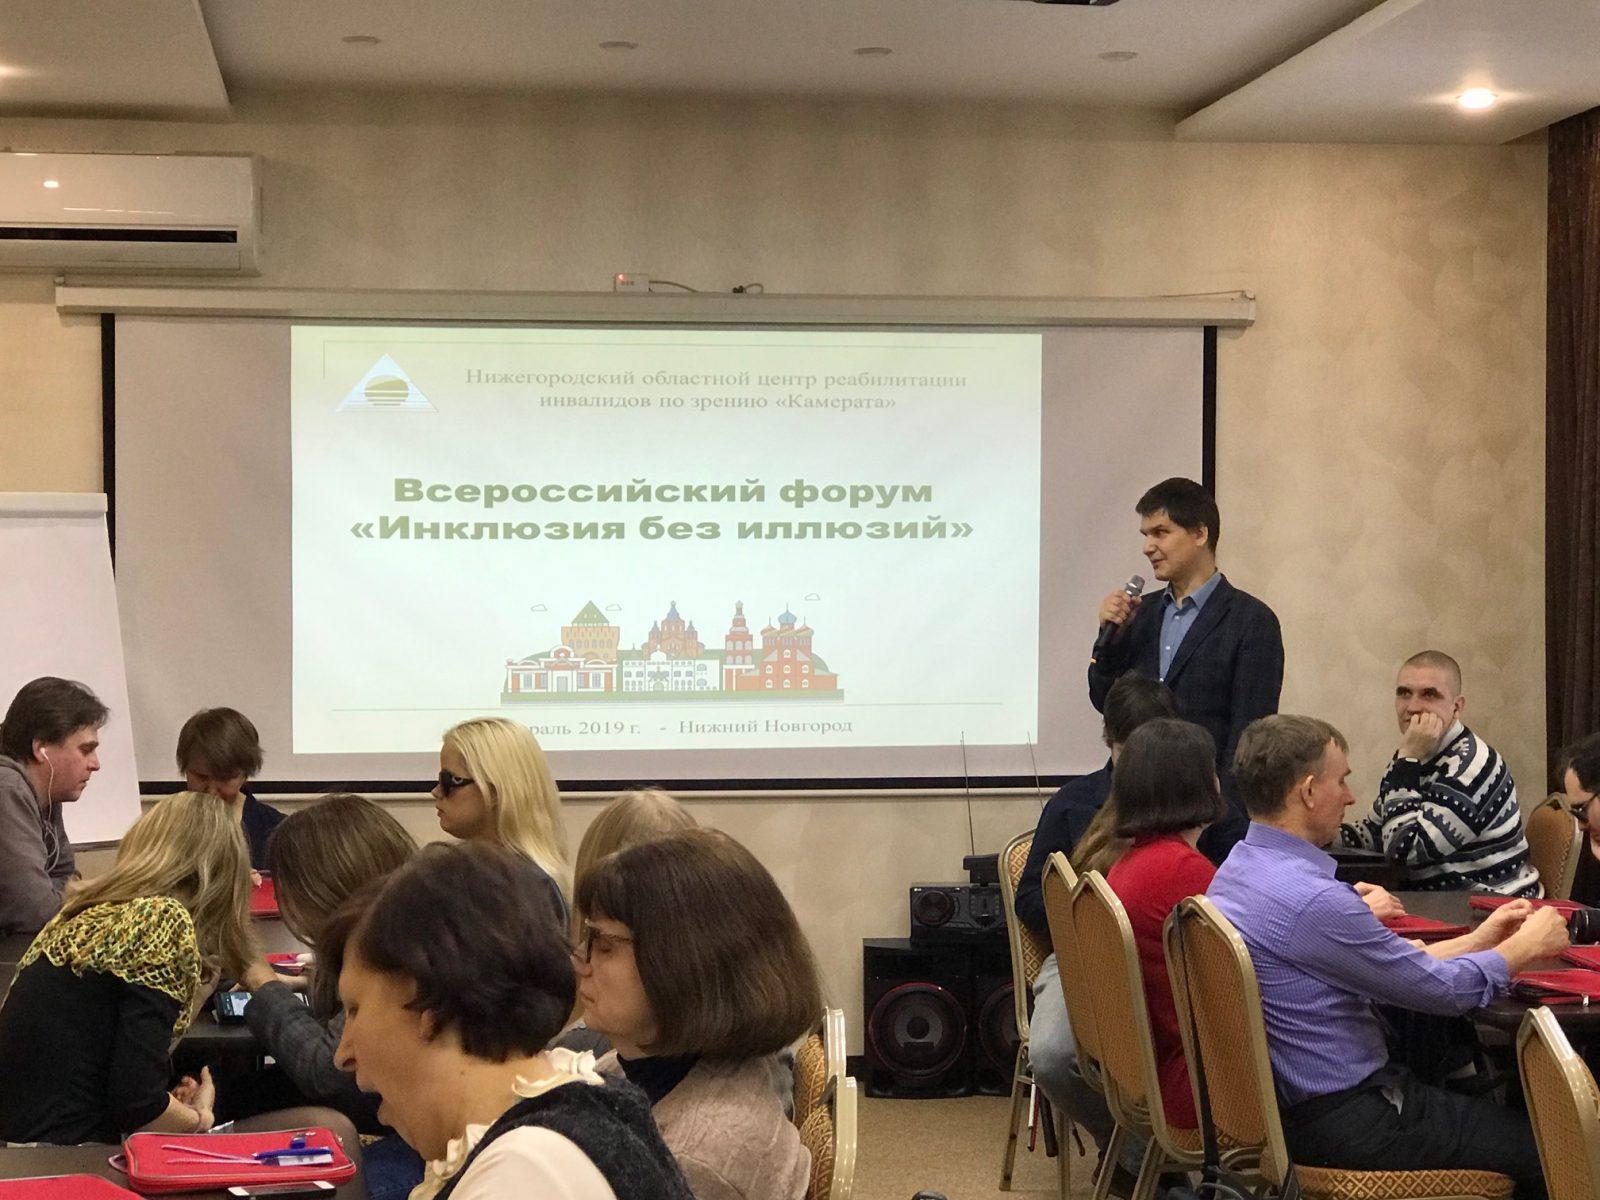 luchshie inklyuzivnye praktiki predstavili na vserossiyskom forume inklyuziya bez illyuziy